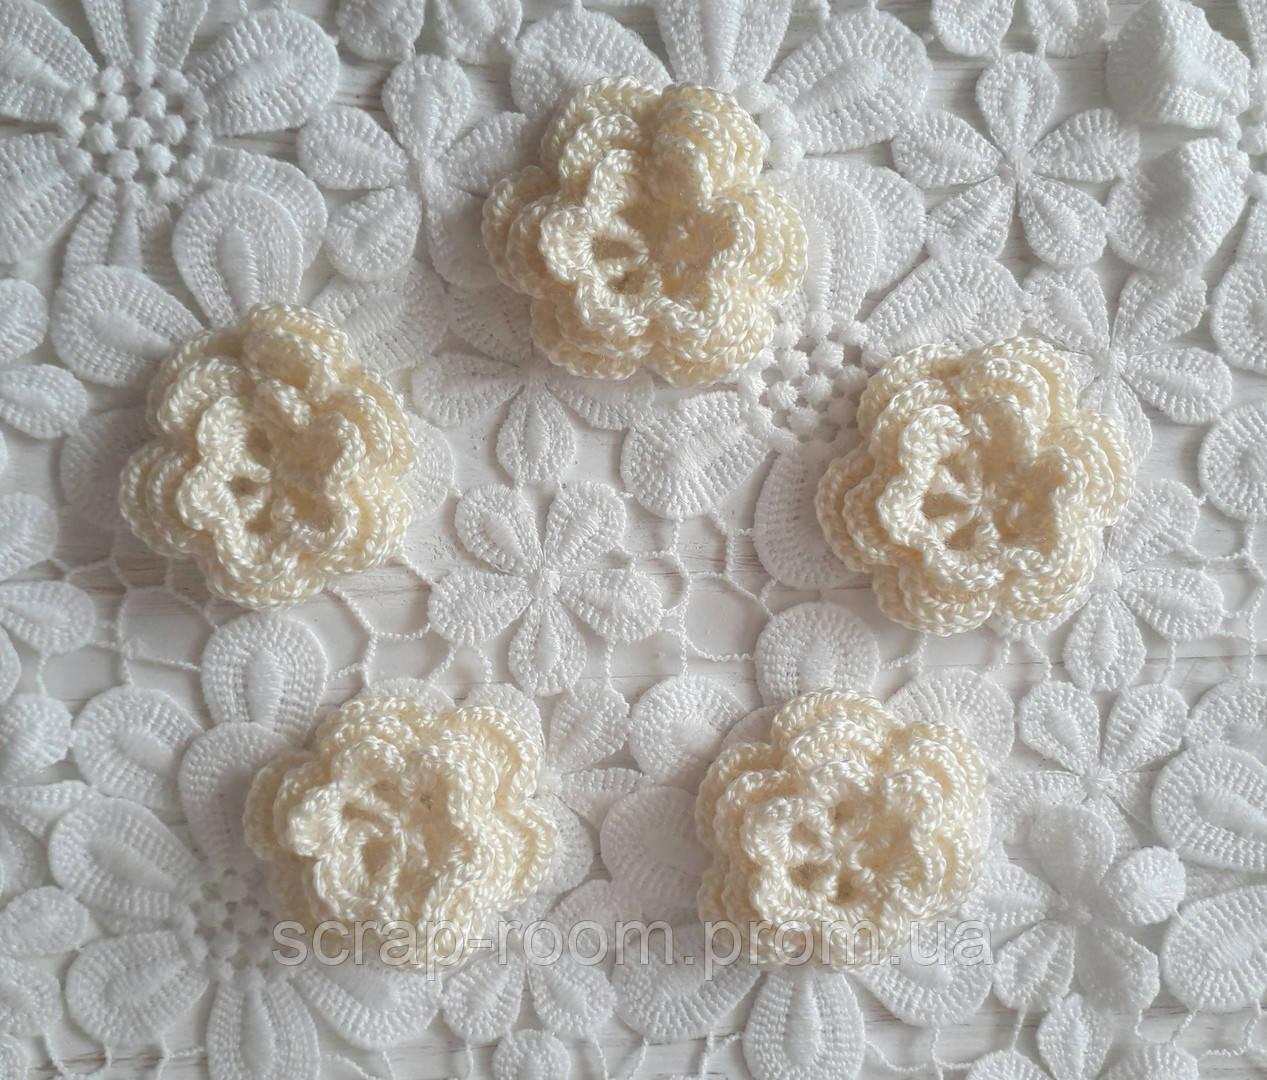 Вязаный цветок кремовый трехслойный, вязаный цветок 4 см, цветок вязаный кремовый ручная работа.